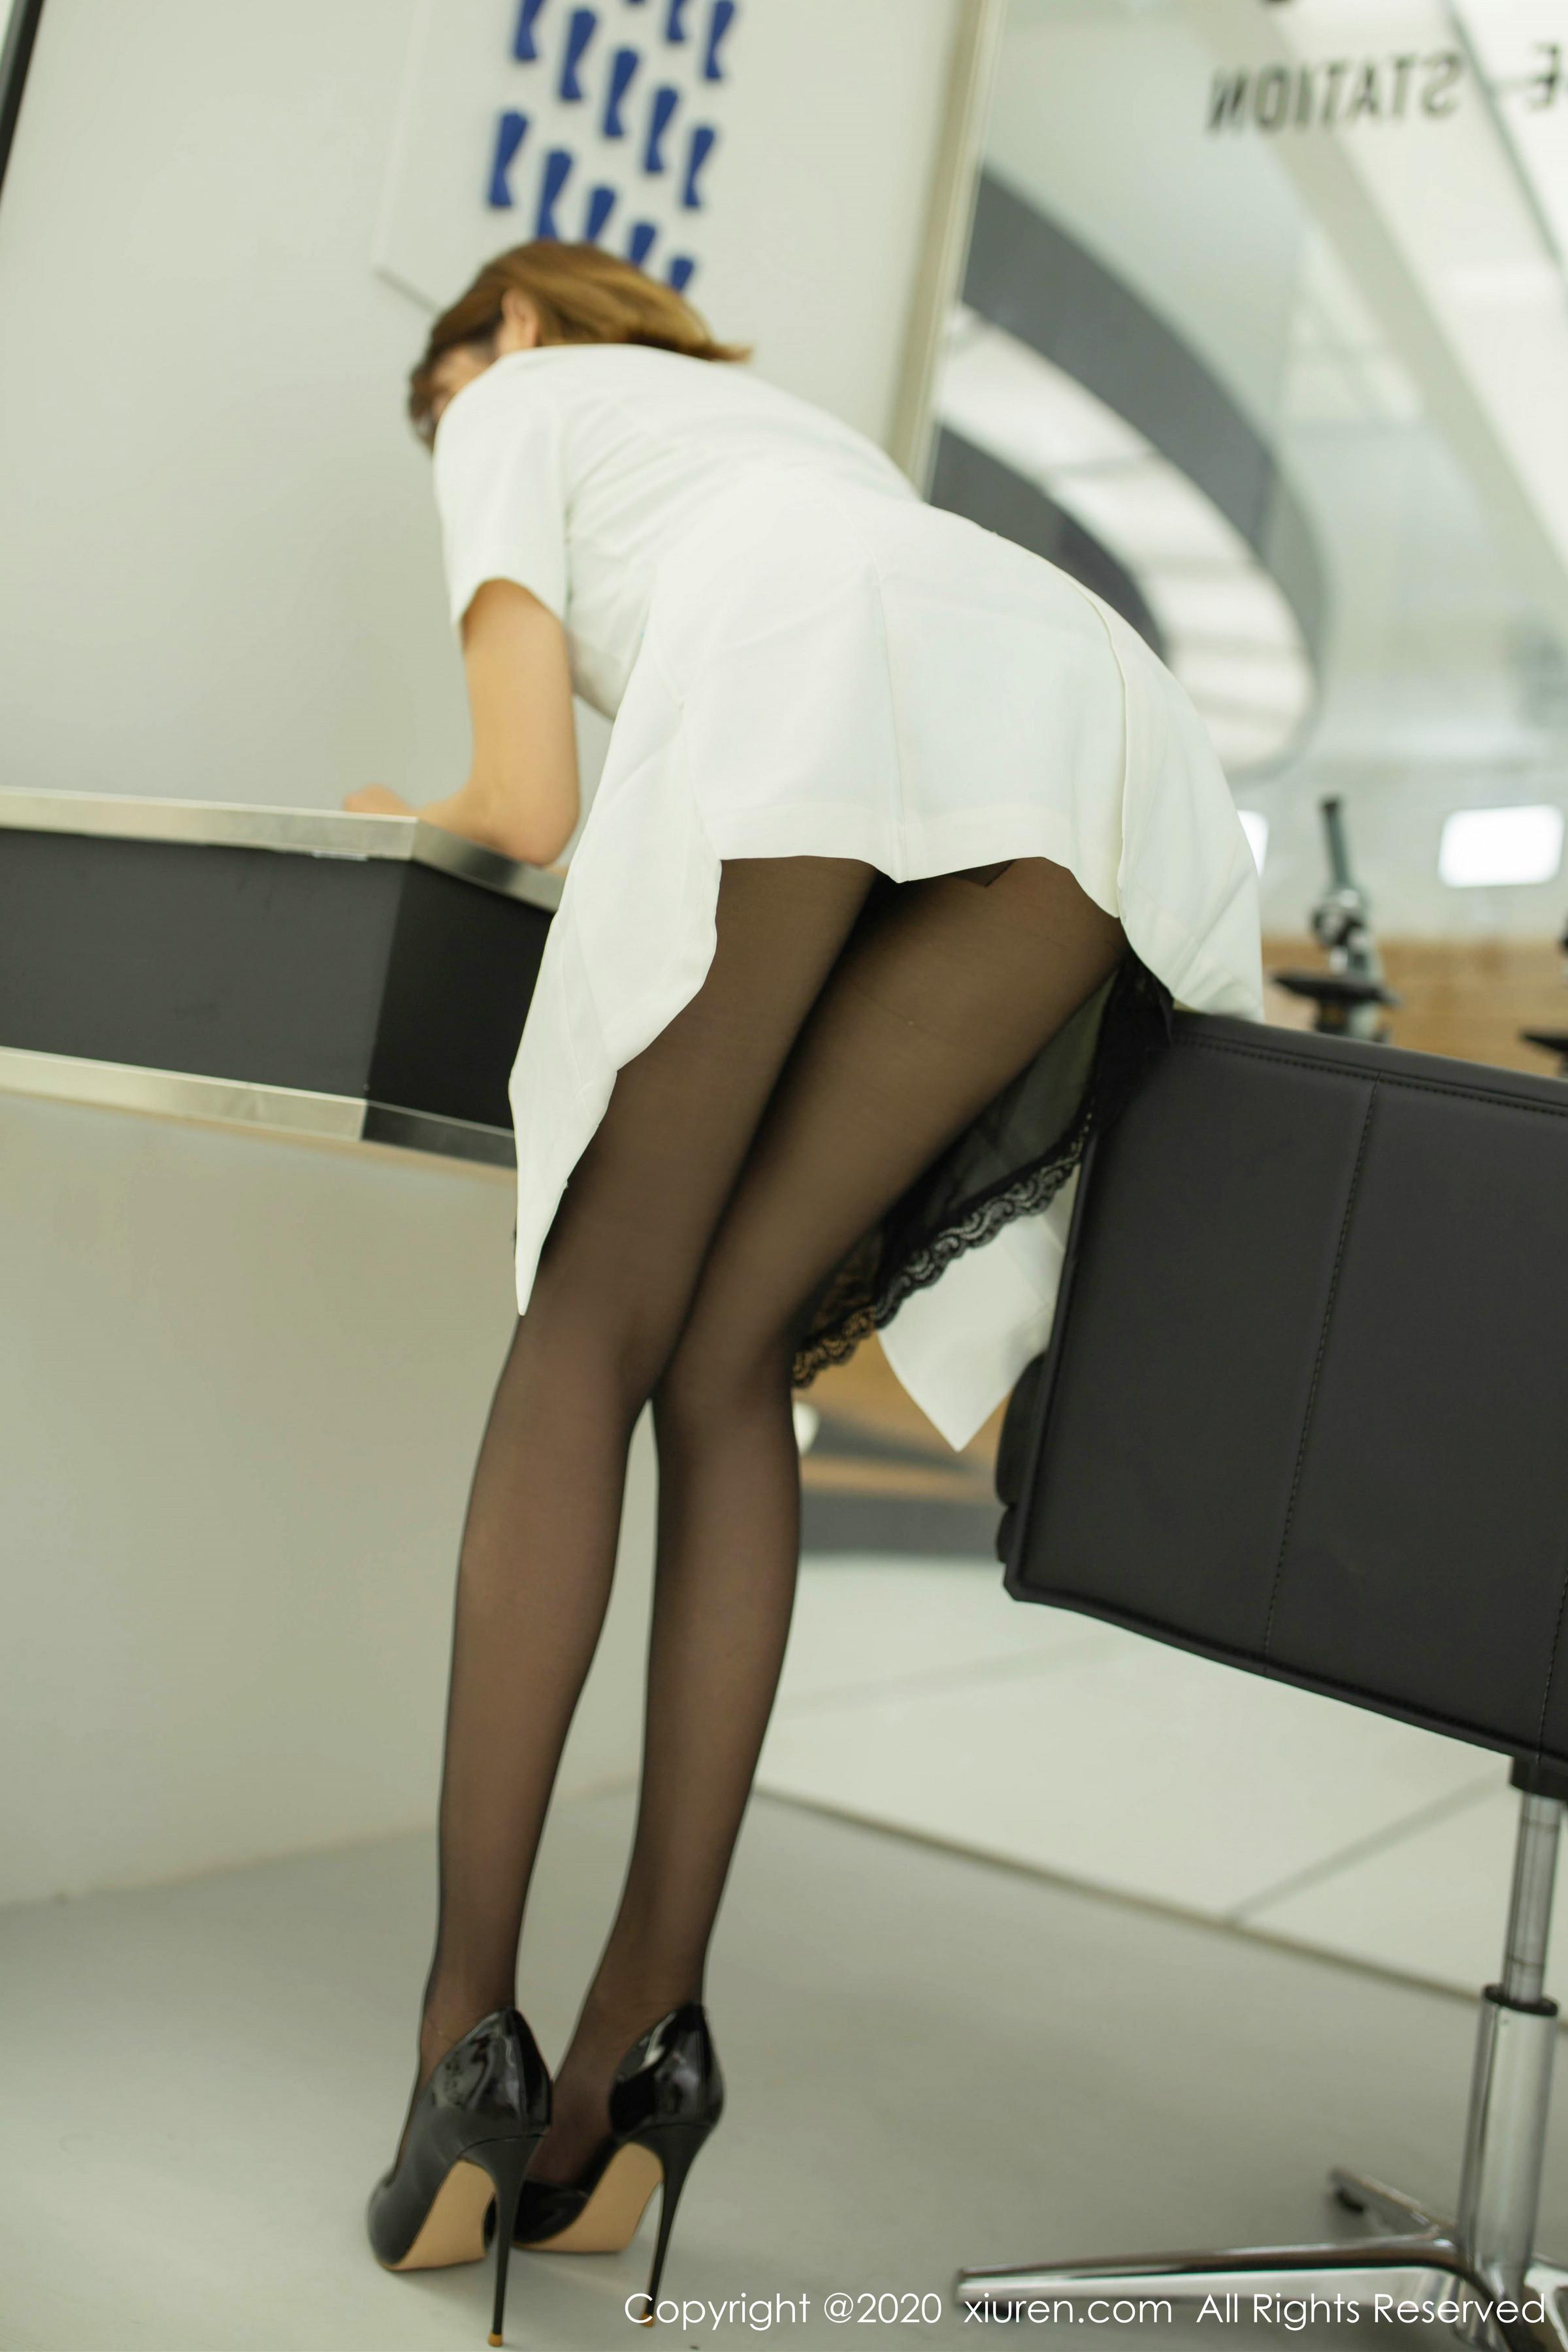 陆萱萱 萱萱Cecilia实验室美女写真职场白衬衫与丝袜黑丝包裹美腿暗香涌动